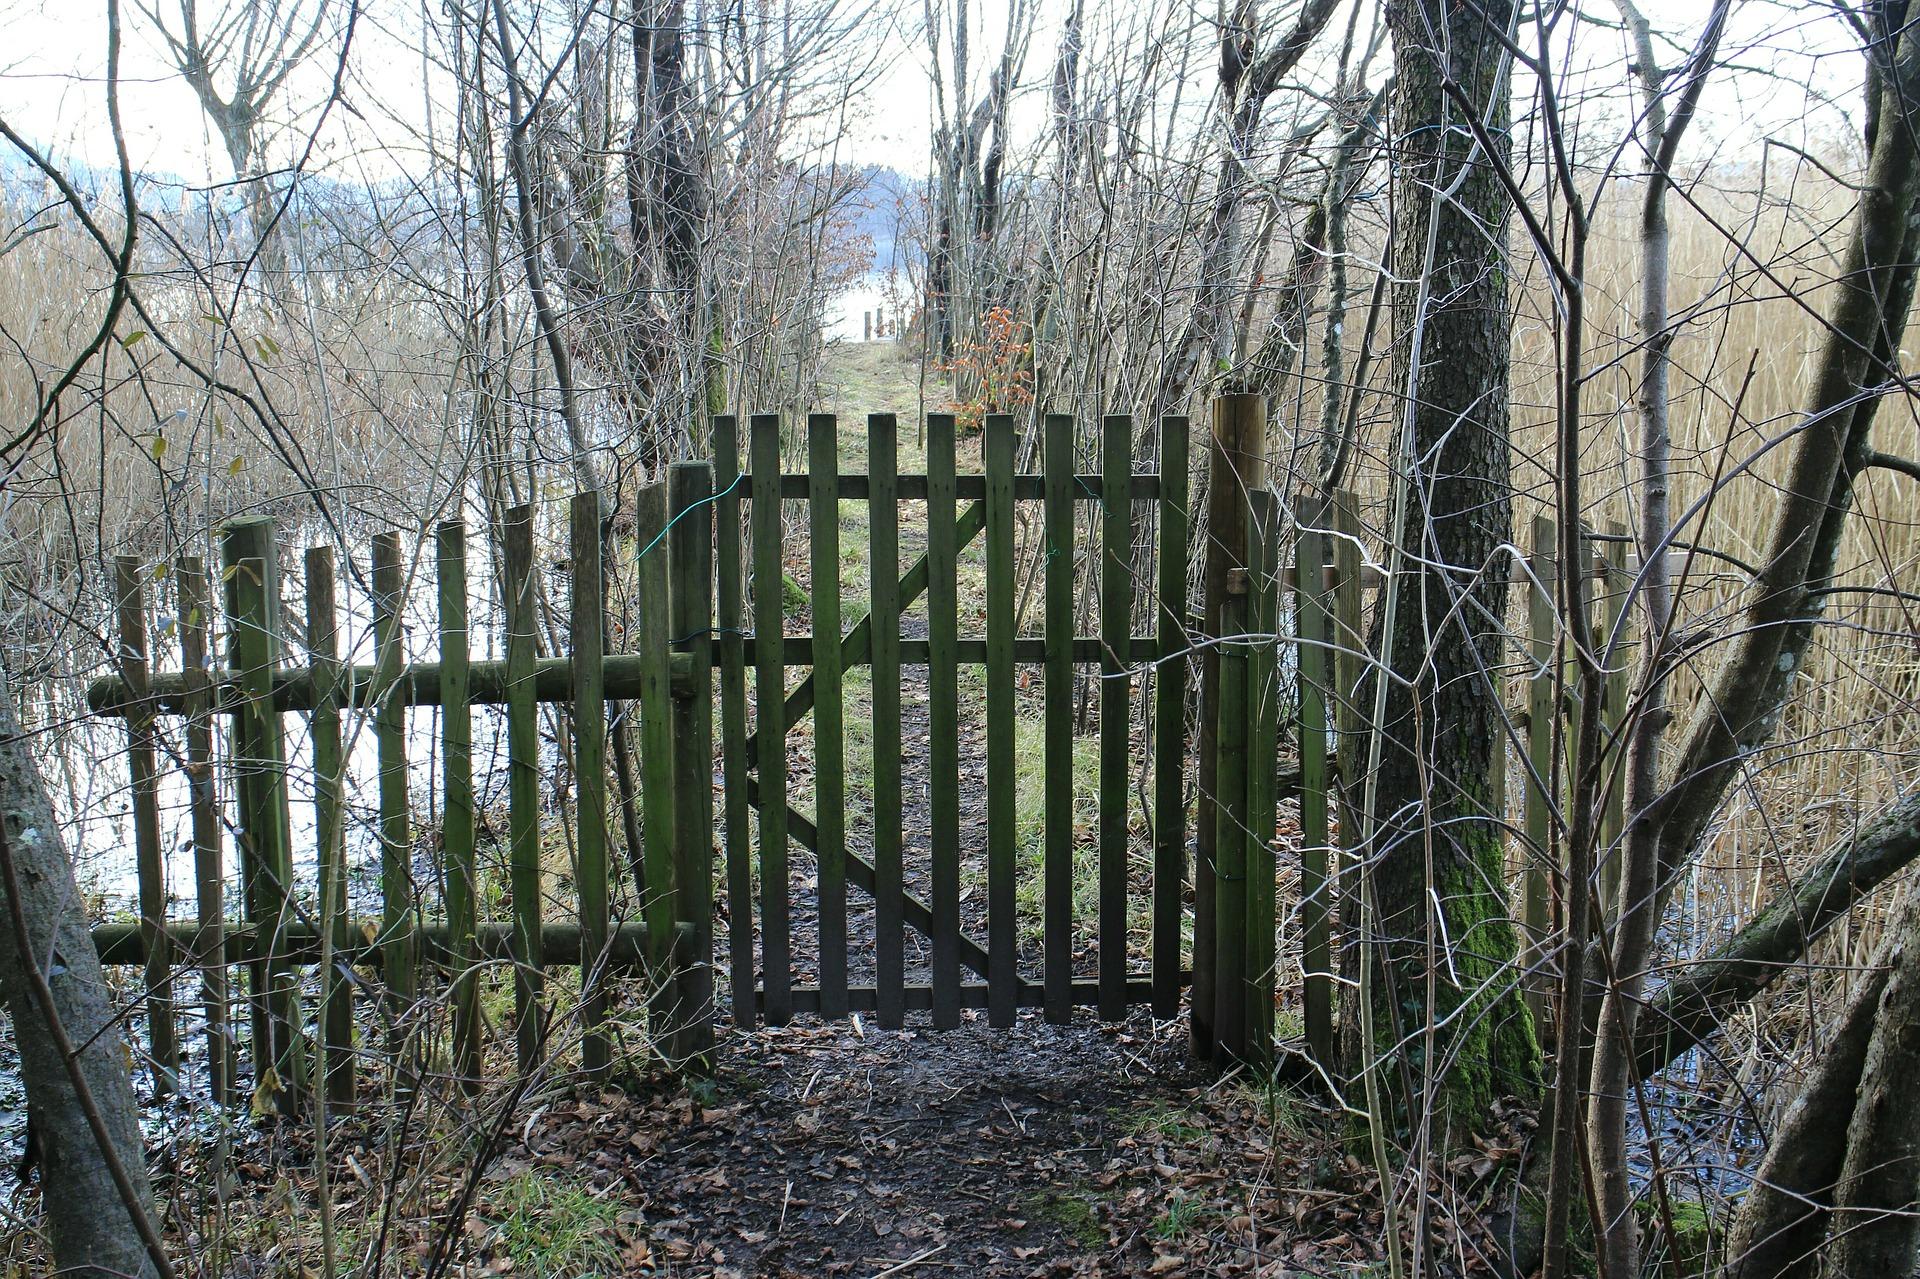 """"""" Goal, Door, Input, Garden Door """" by  Manfred Antranias Zimmer  is  Public Domain ."""